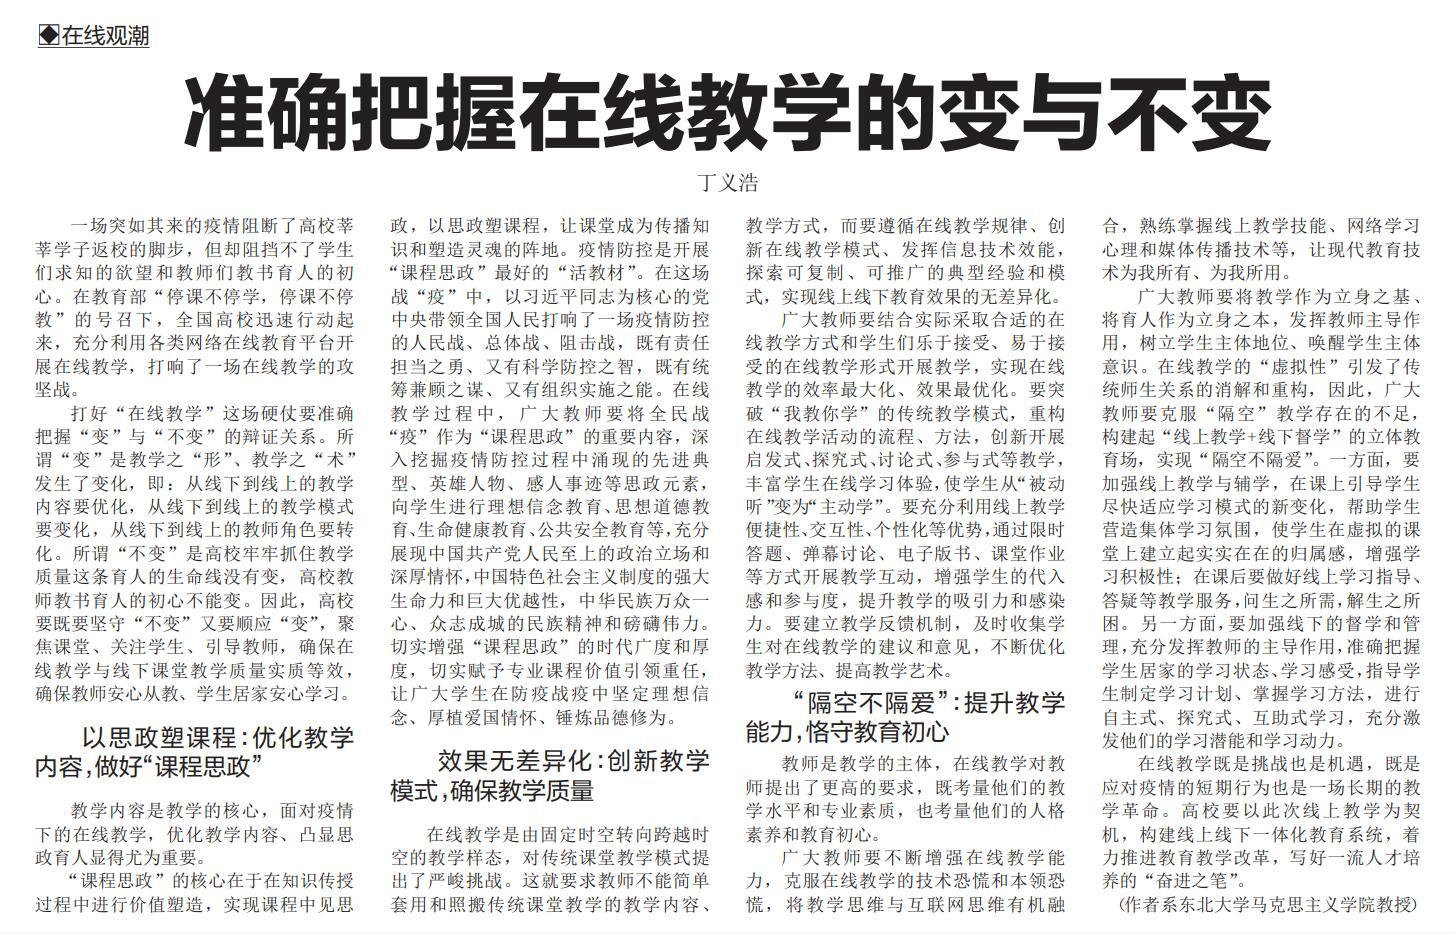 【中国教育报】东北大学丁义浩:准确把握在线教学的变与不变